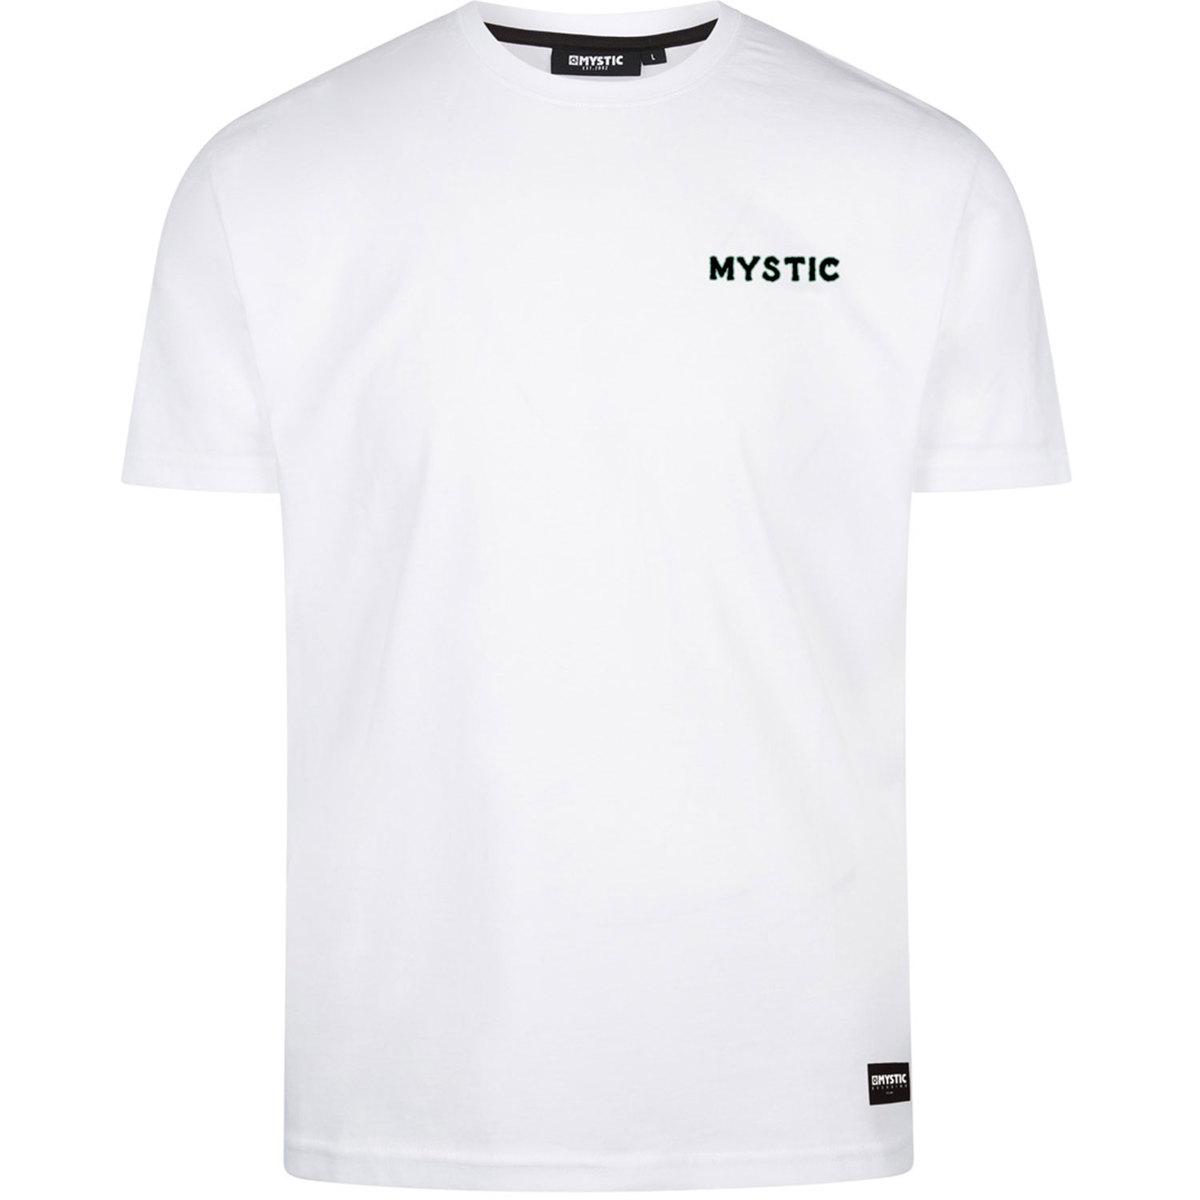 ウェットスーツ 物品 アクセサリーブランド MYSTIC ミスティック 2021 Mystic White Mサイズ Gravity 210220 T-Shirt SALE開催中 -